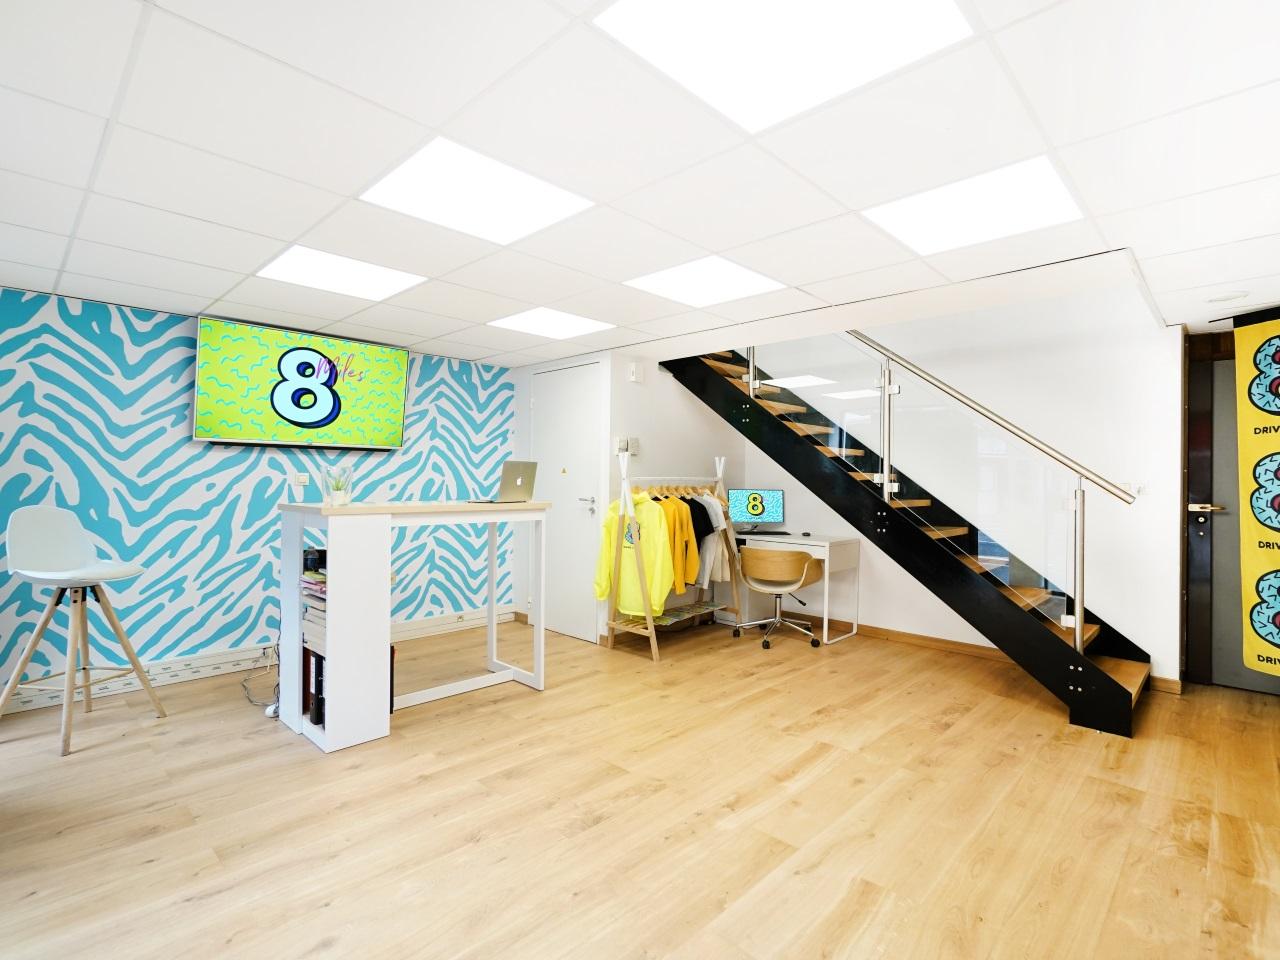 la premi re auto cole multi services de france a ouvert lyon. Black Bedroom Furniture Sets. Home Design Ideas